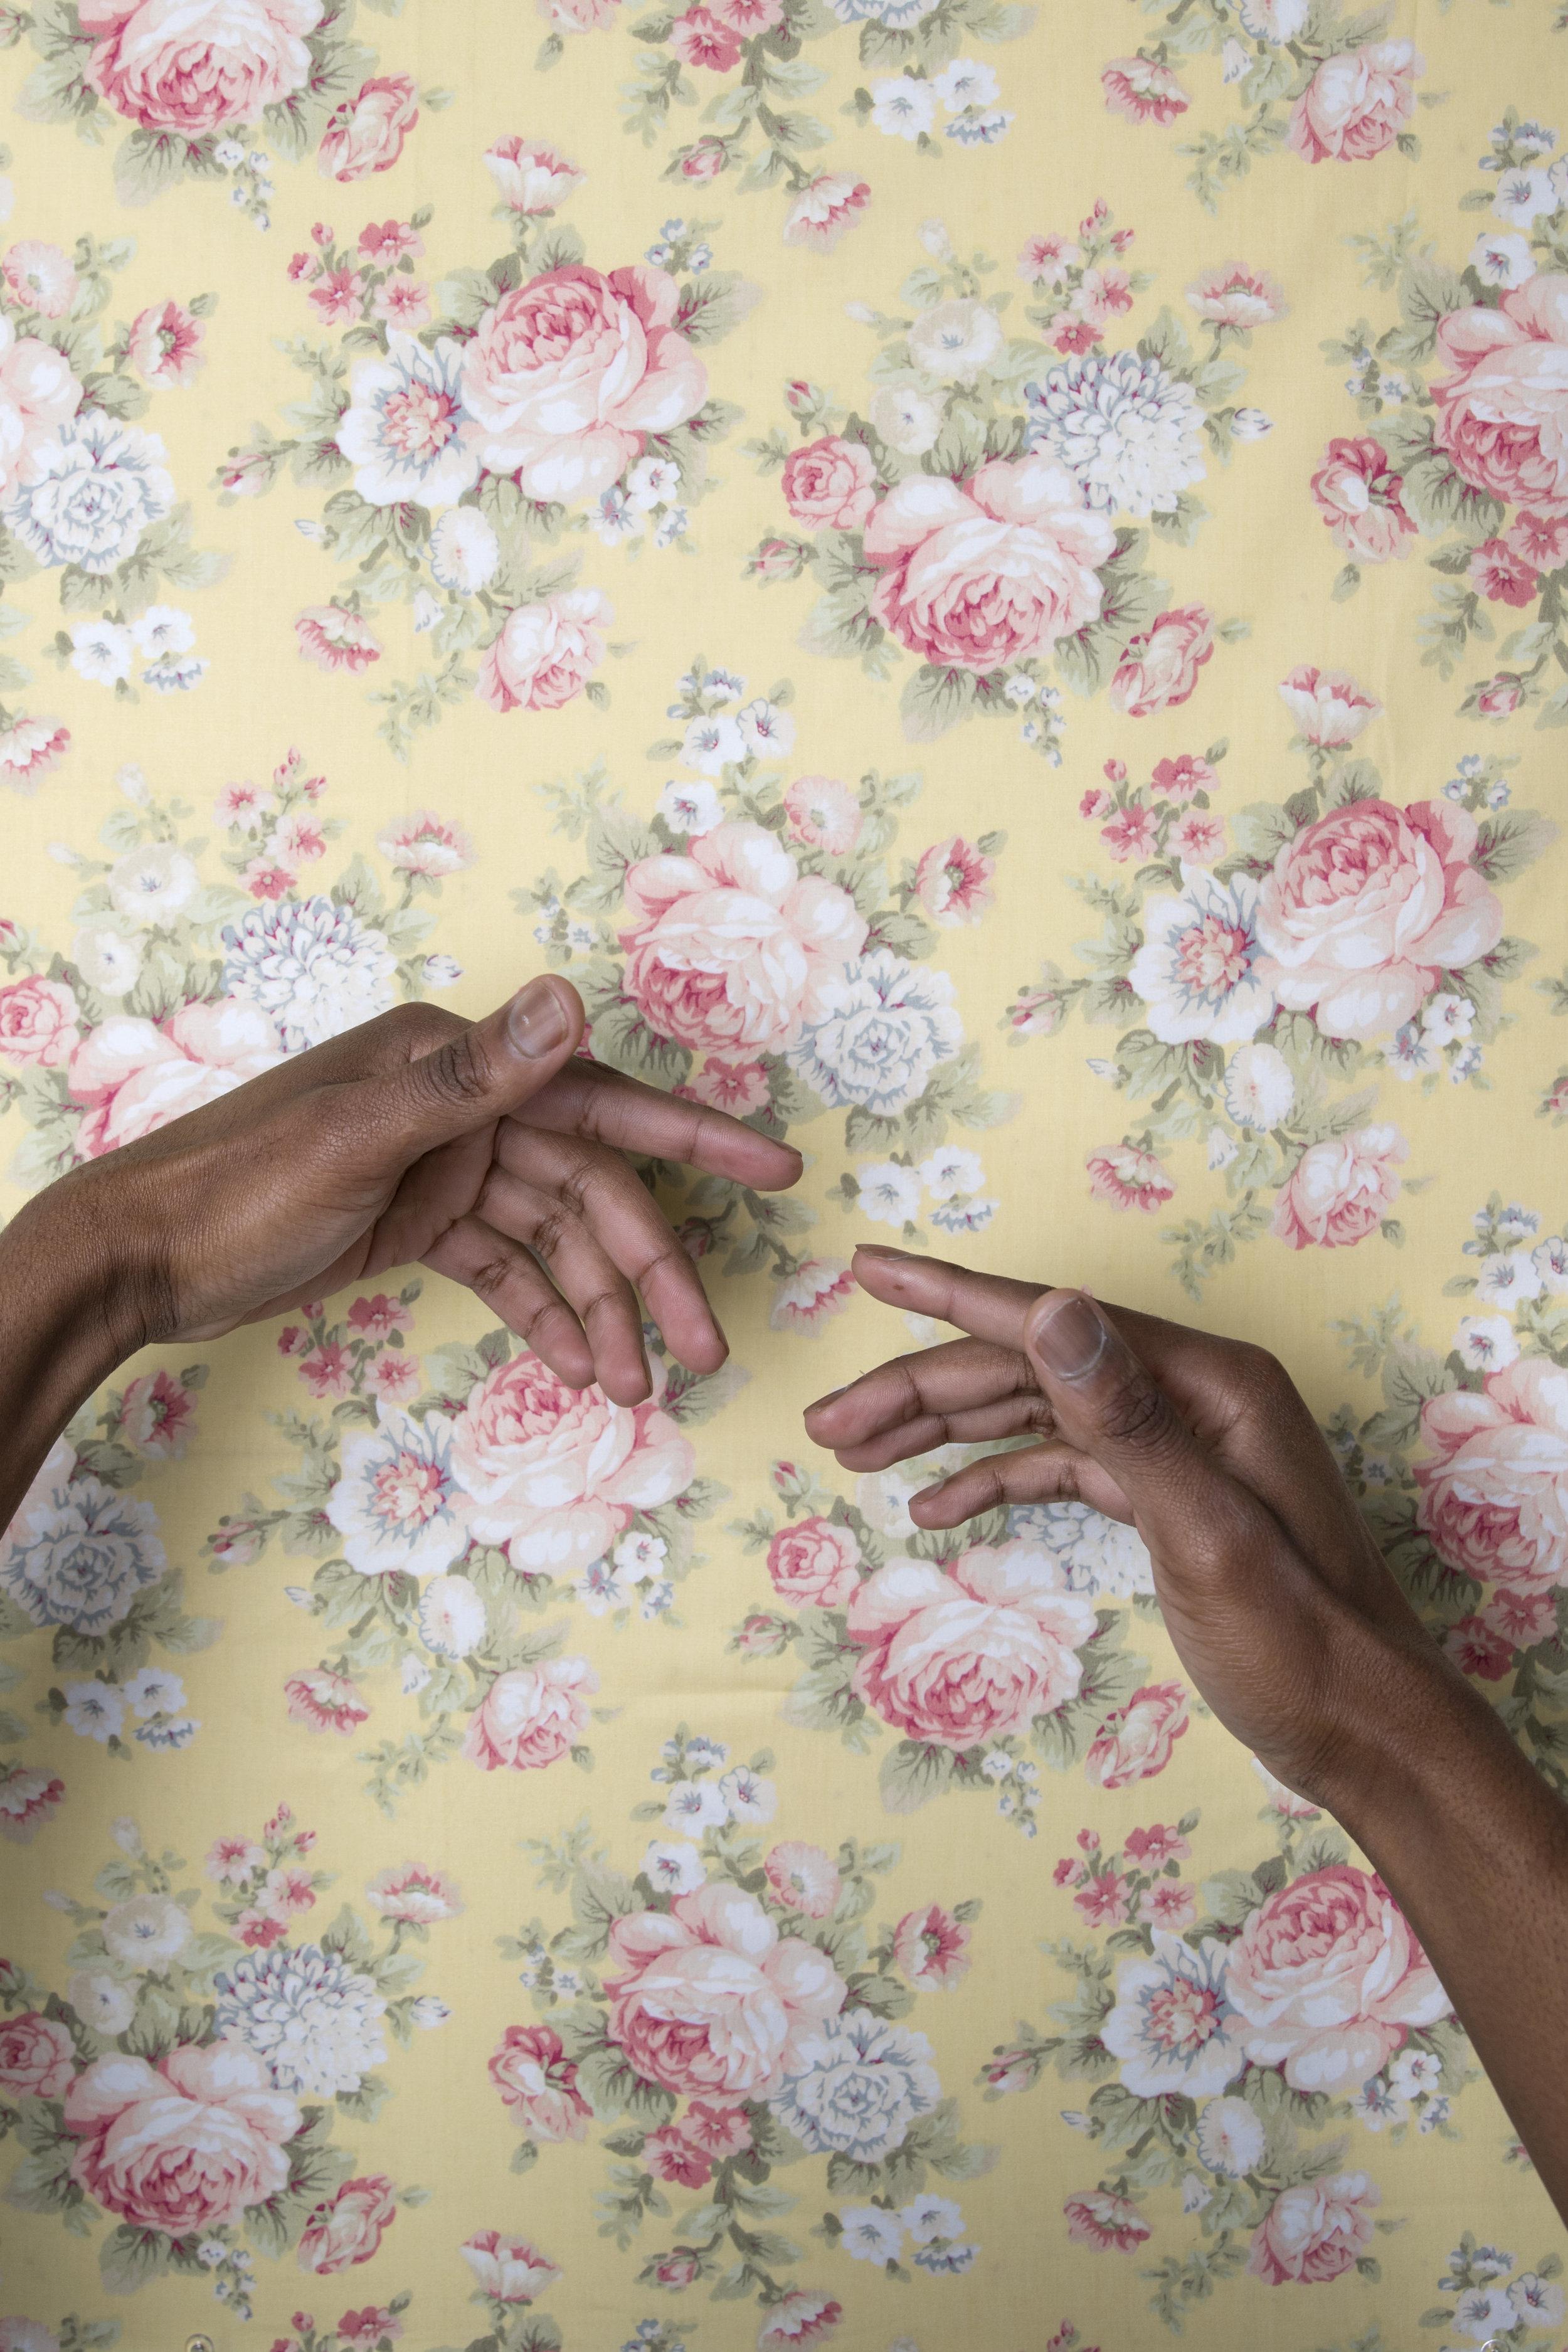 vernell handss.jpg